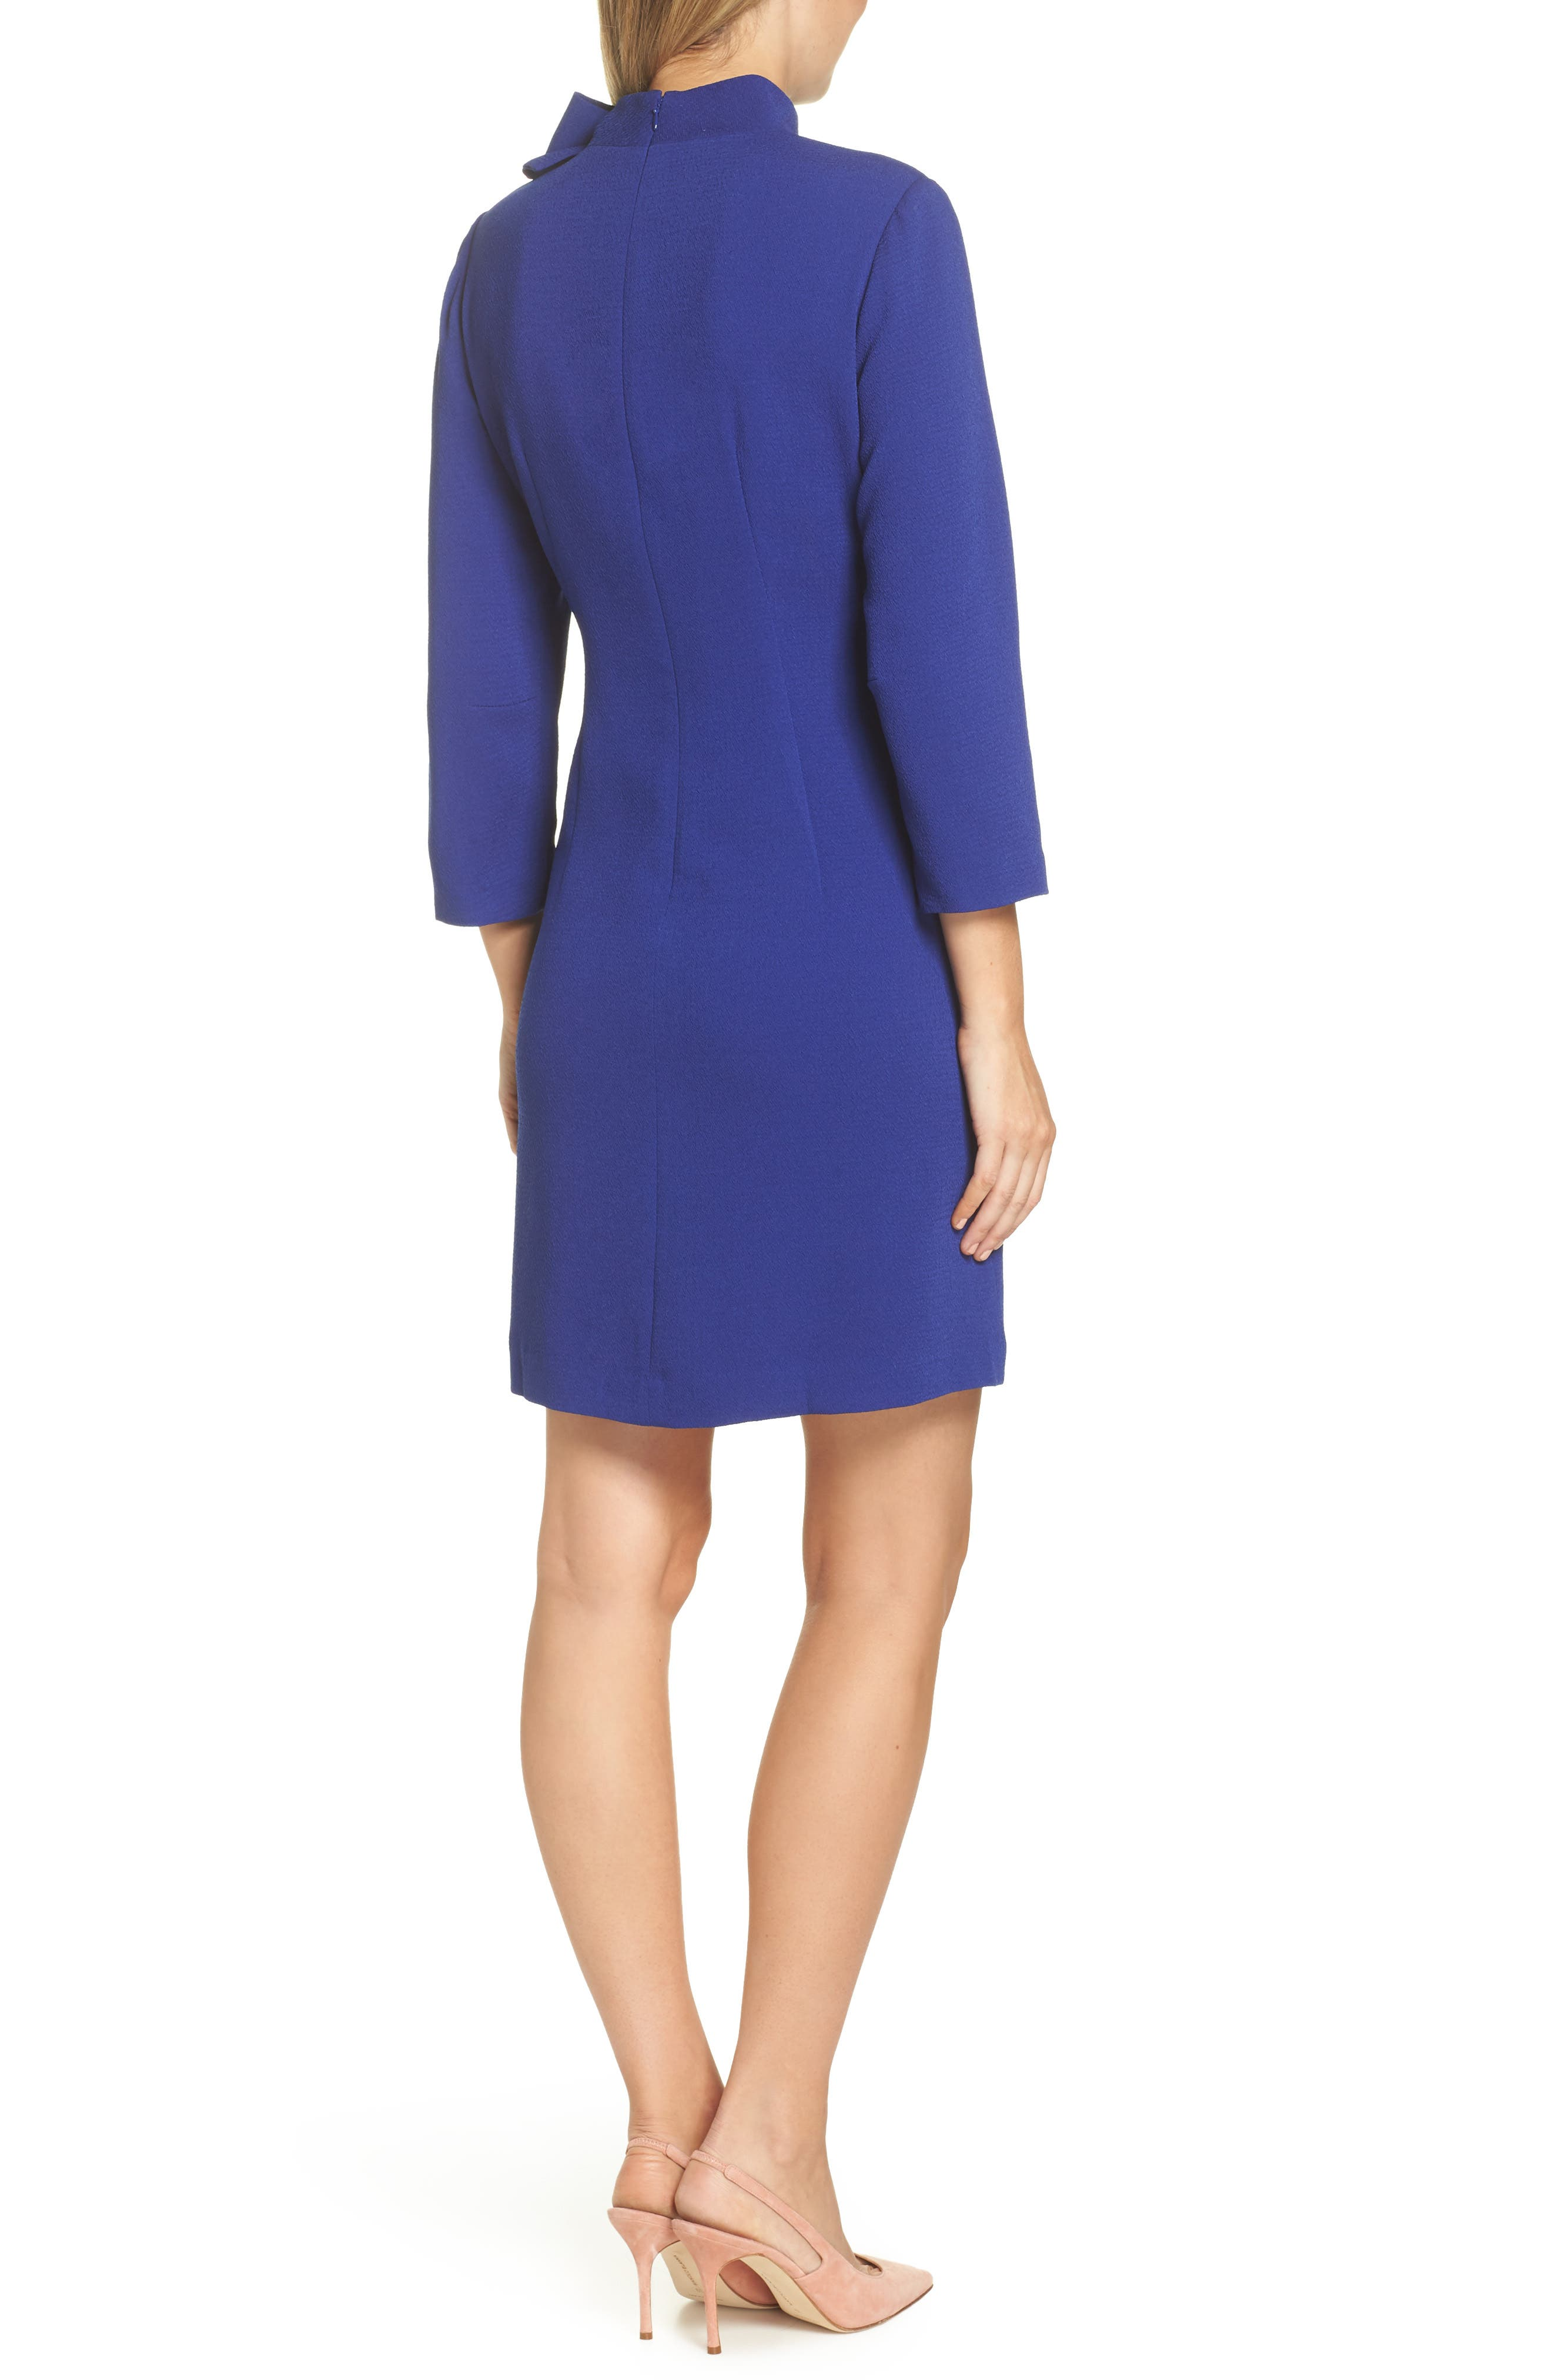 a61d497a945 Women s Collared Dresses